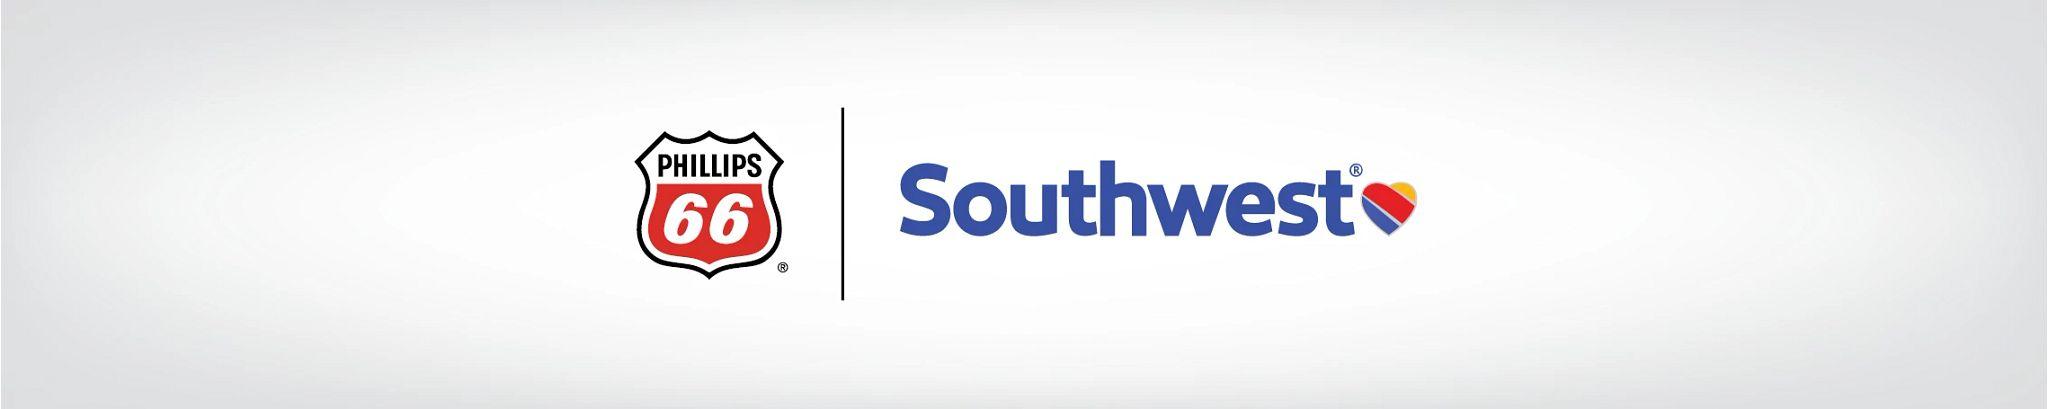 21-0020_024_Southwest MOU 4-22 dotcom.jpg